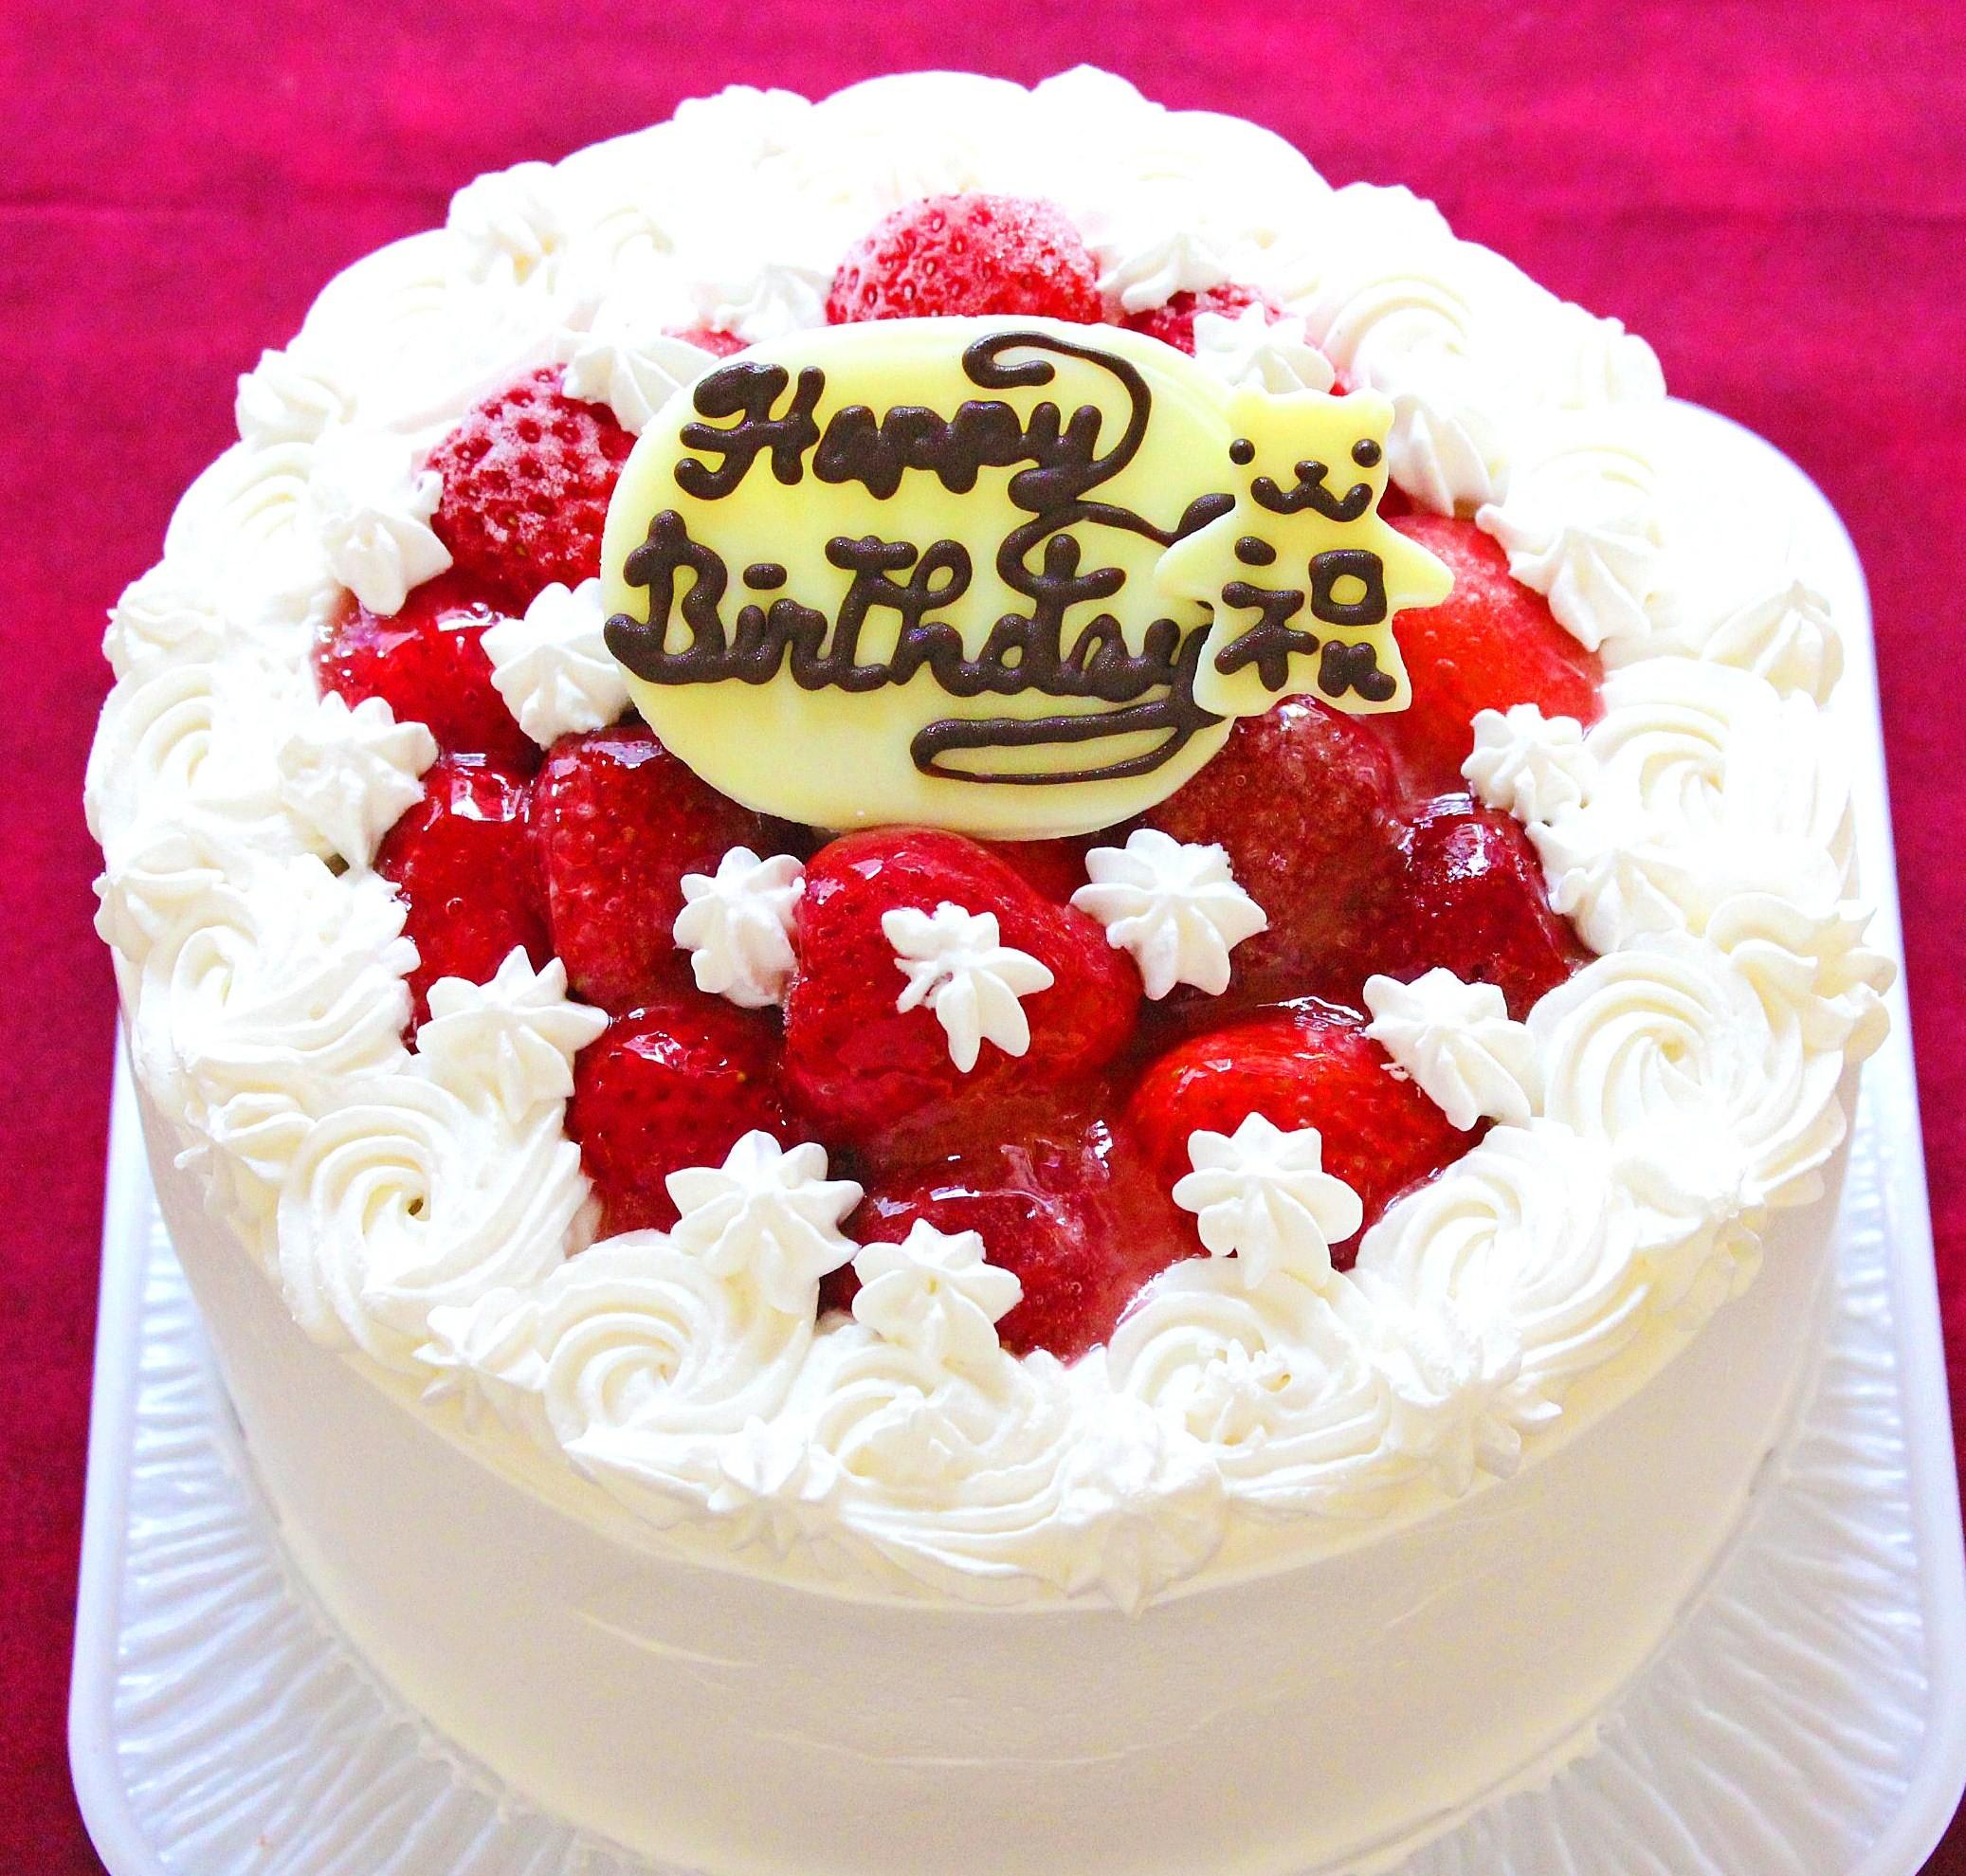 北海道生クリーム使用☆苺のデコレーションケーキ5号の画像1枚目